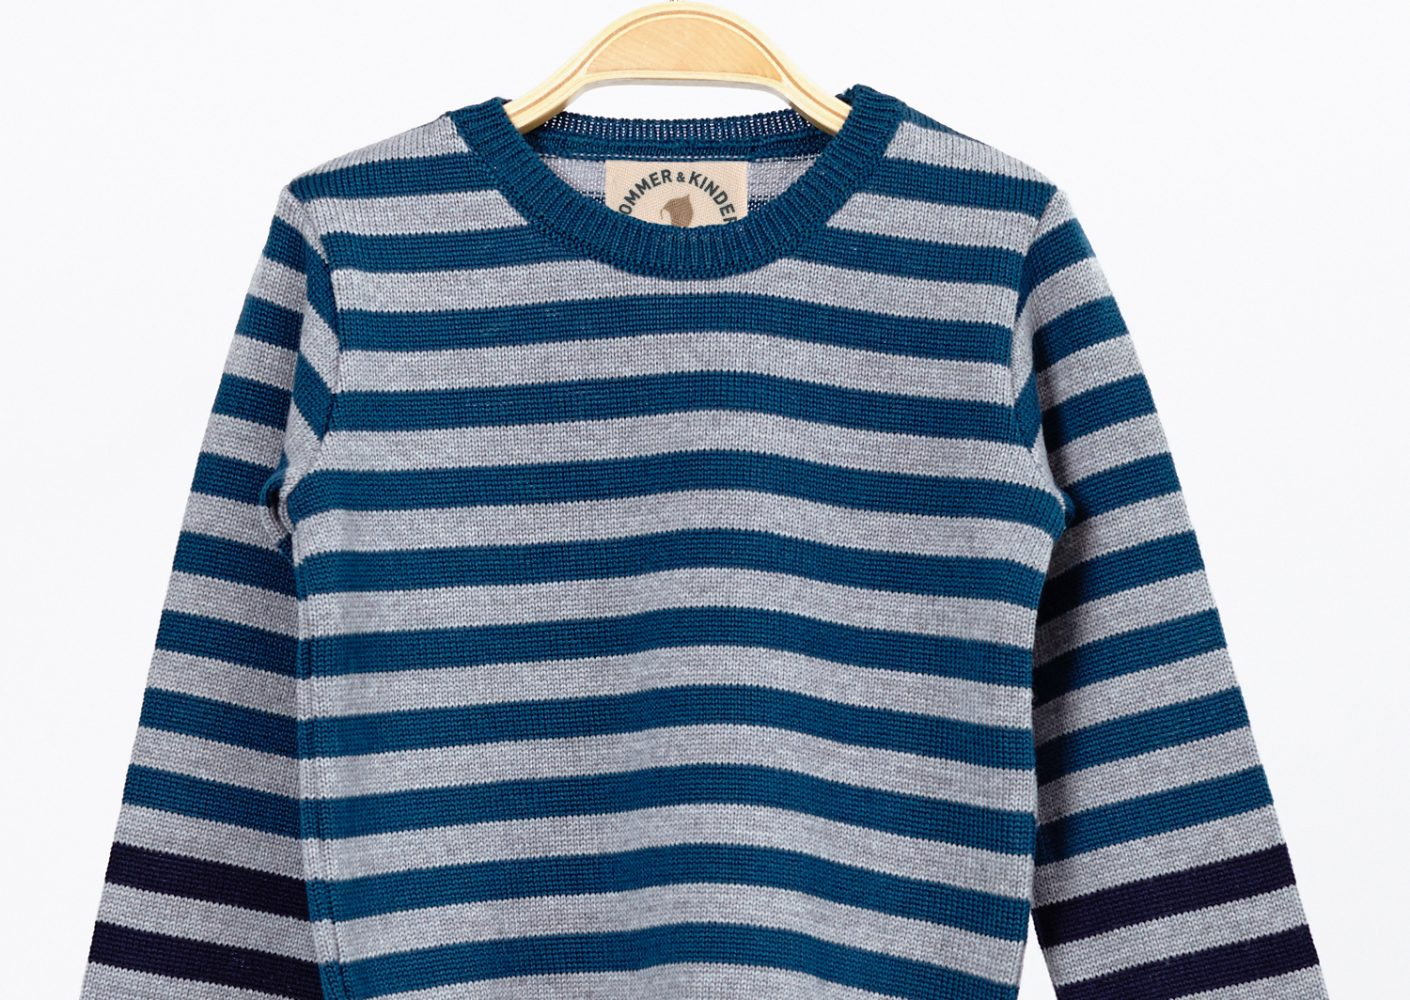 Pullover gestreift Junge Merinowolle blau_64